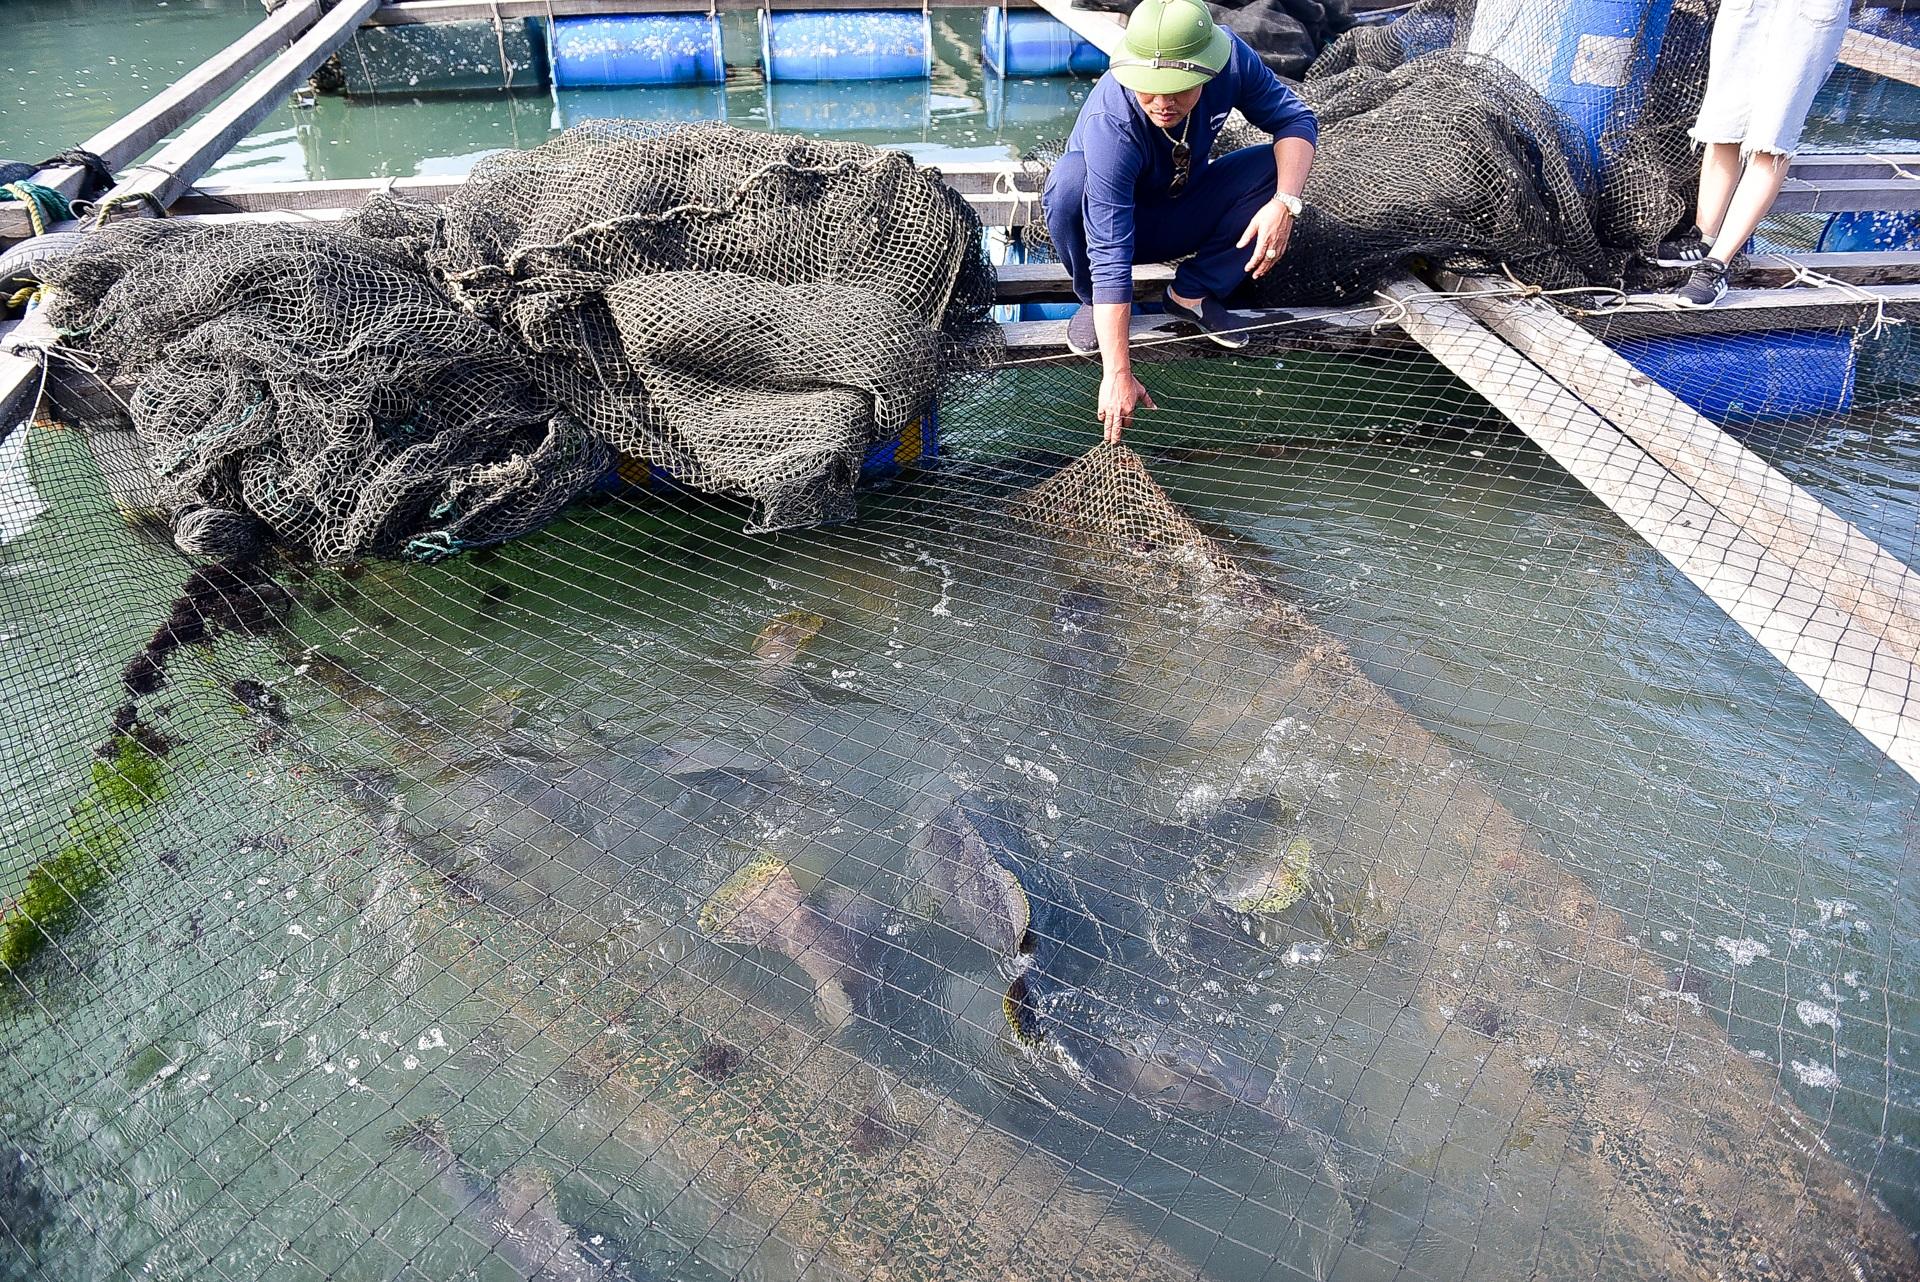 Chuyện lạ tại Quảng Ninh: Cá song mê đánh răng, thích vuốt ve, trò chuyện với người - 16